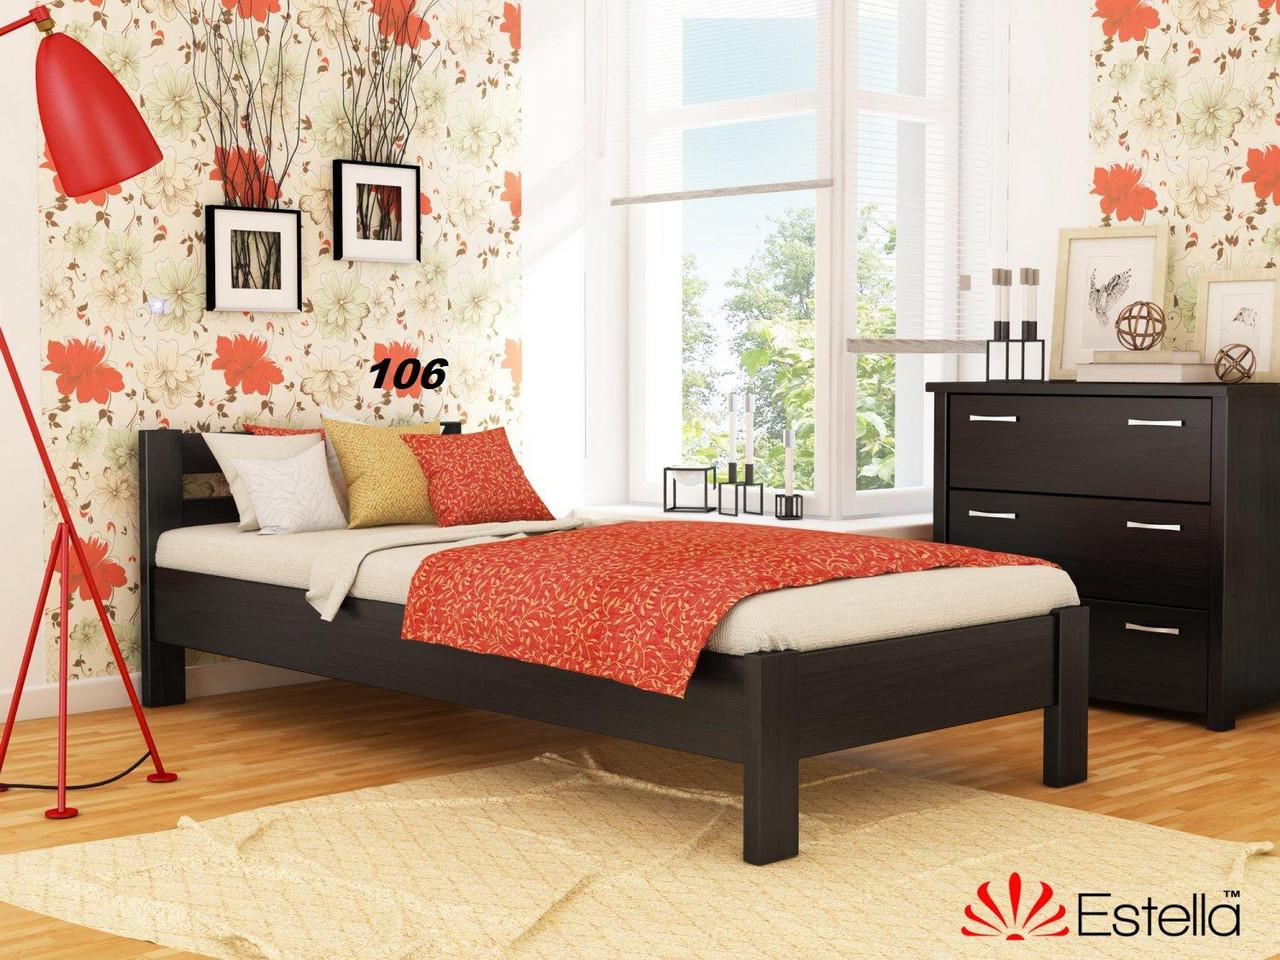 Кровать Рената односпальная Бук Щит 106 (Эстелла-ТМ)